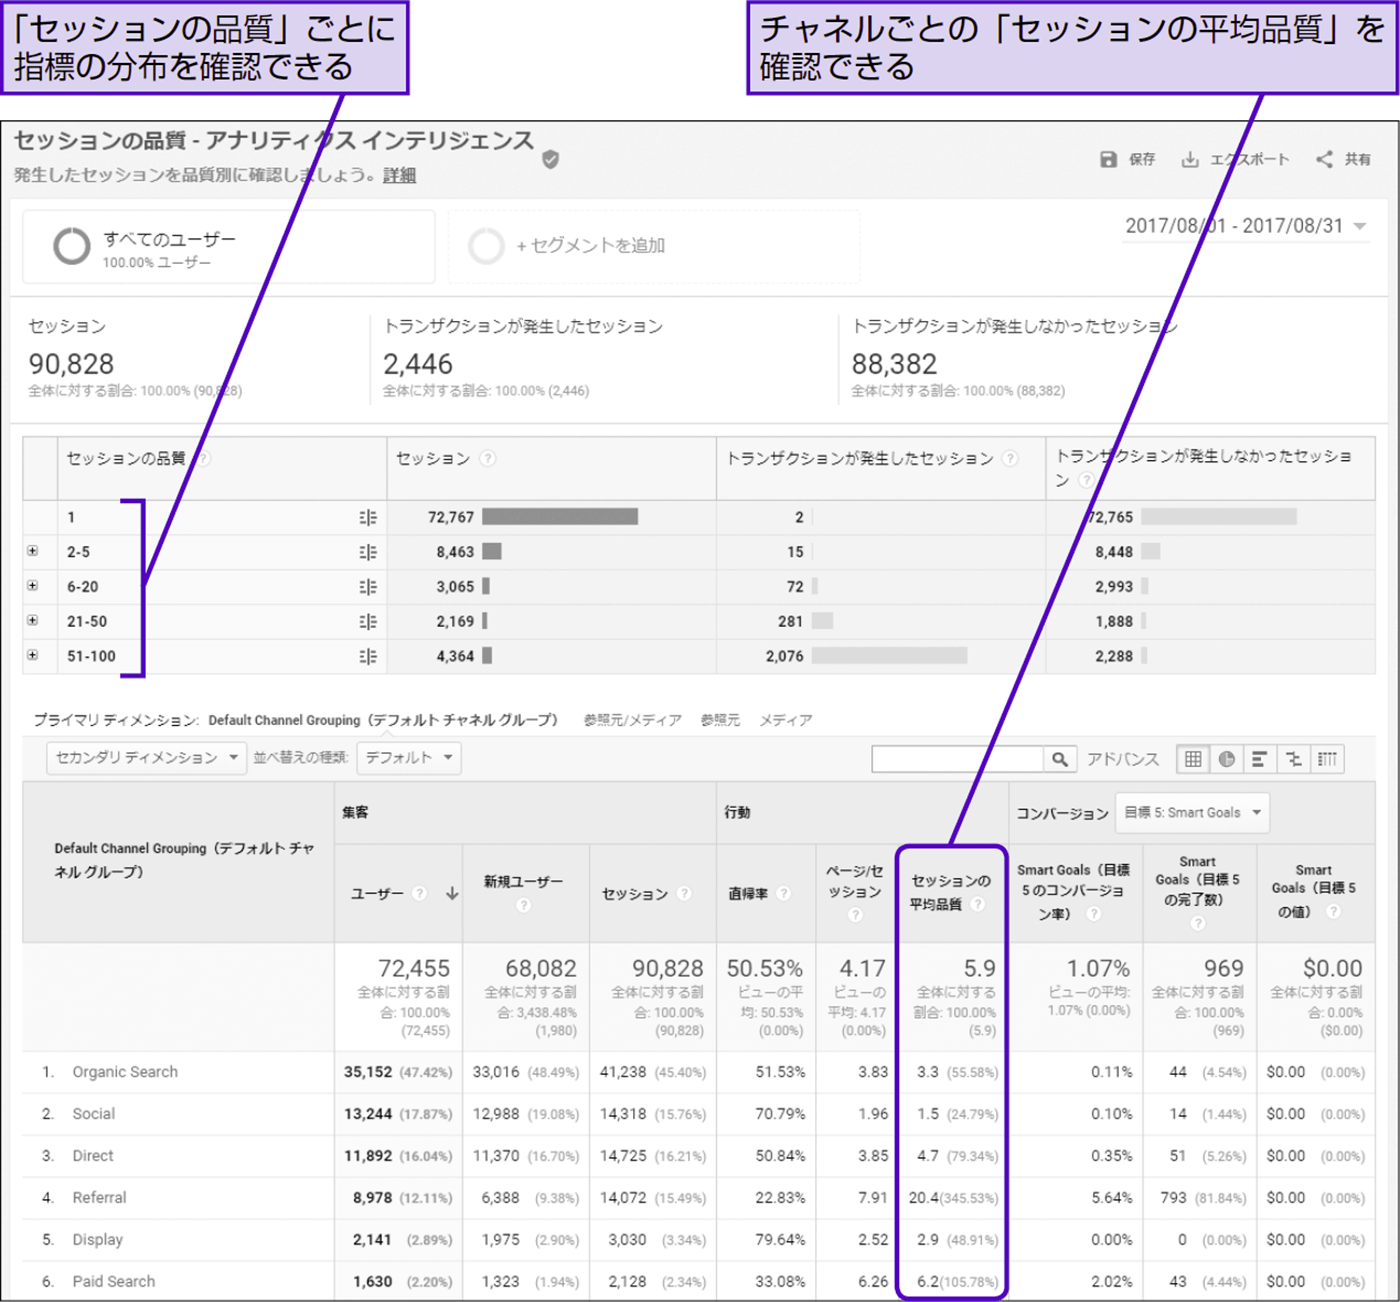 「セッションの品質」のスコアをリマーケティングに取り入れる - できる逆引き Googleアナリティクス 増補改訂2版